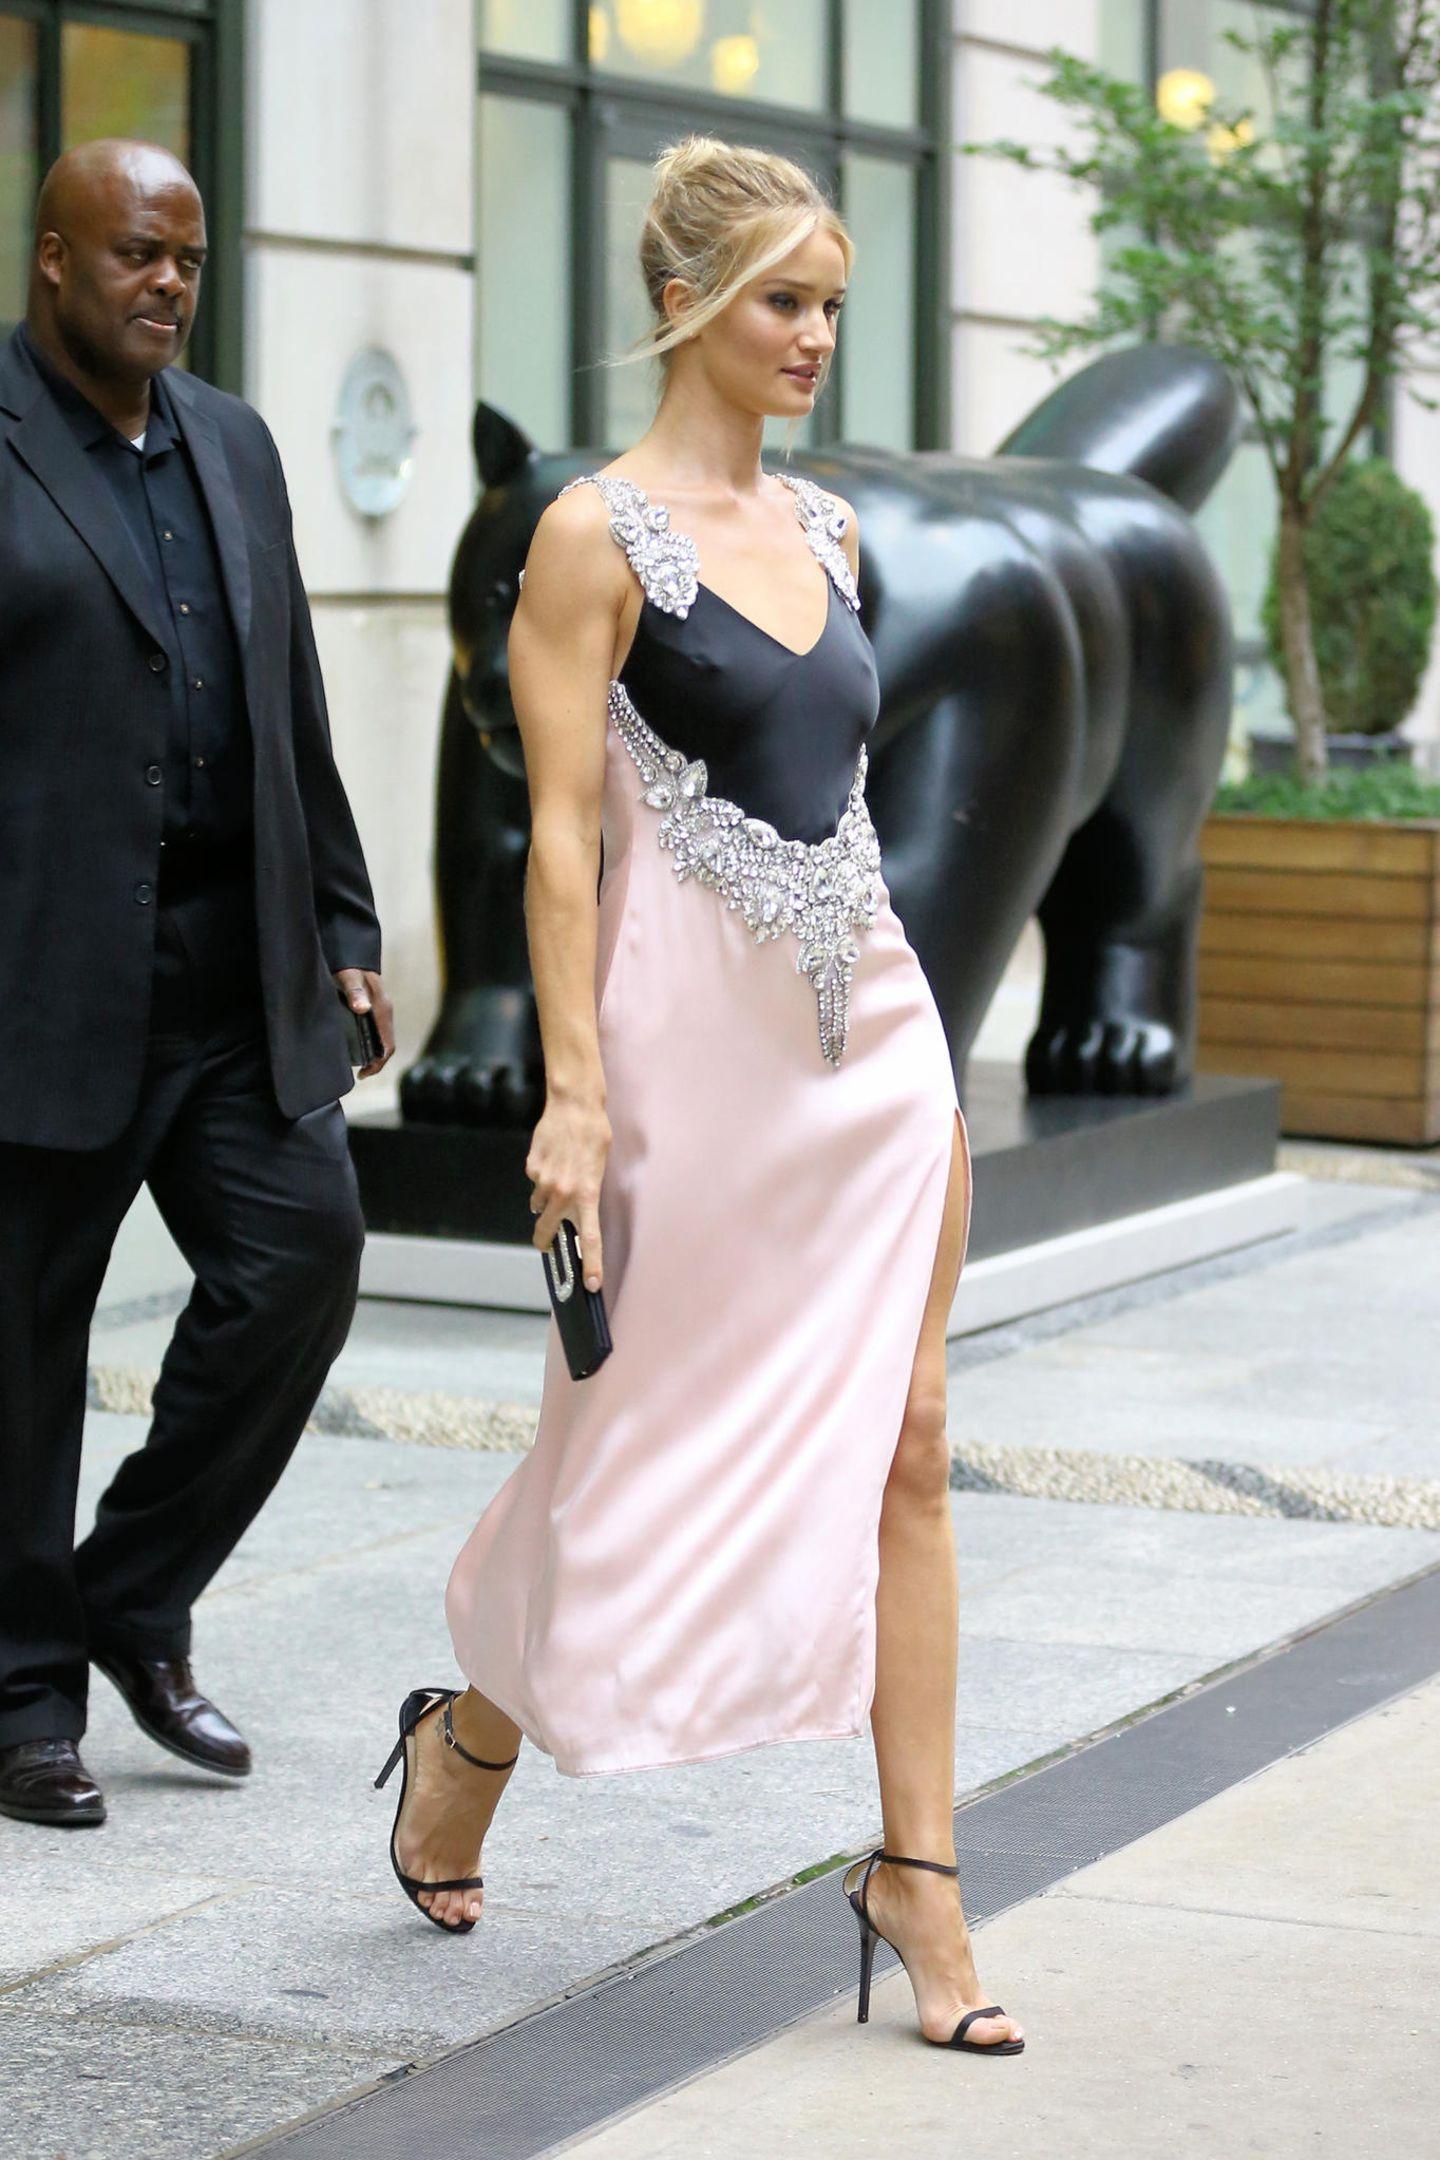 In einem seidenen Kleid mit Glitzerapplikationen schreitet Rosie Huntington-Whiteley in Begleitung ihres Bodyguards über die Straßen New Yorks. In der Hand hält sie eine schwarze Clutch und filigrane Riemchen-Heels strecken ihre Beine optisch.